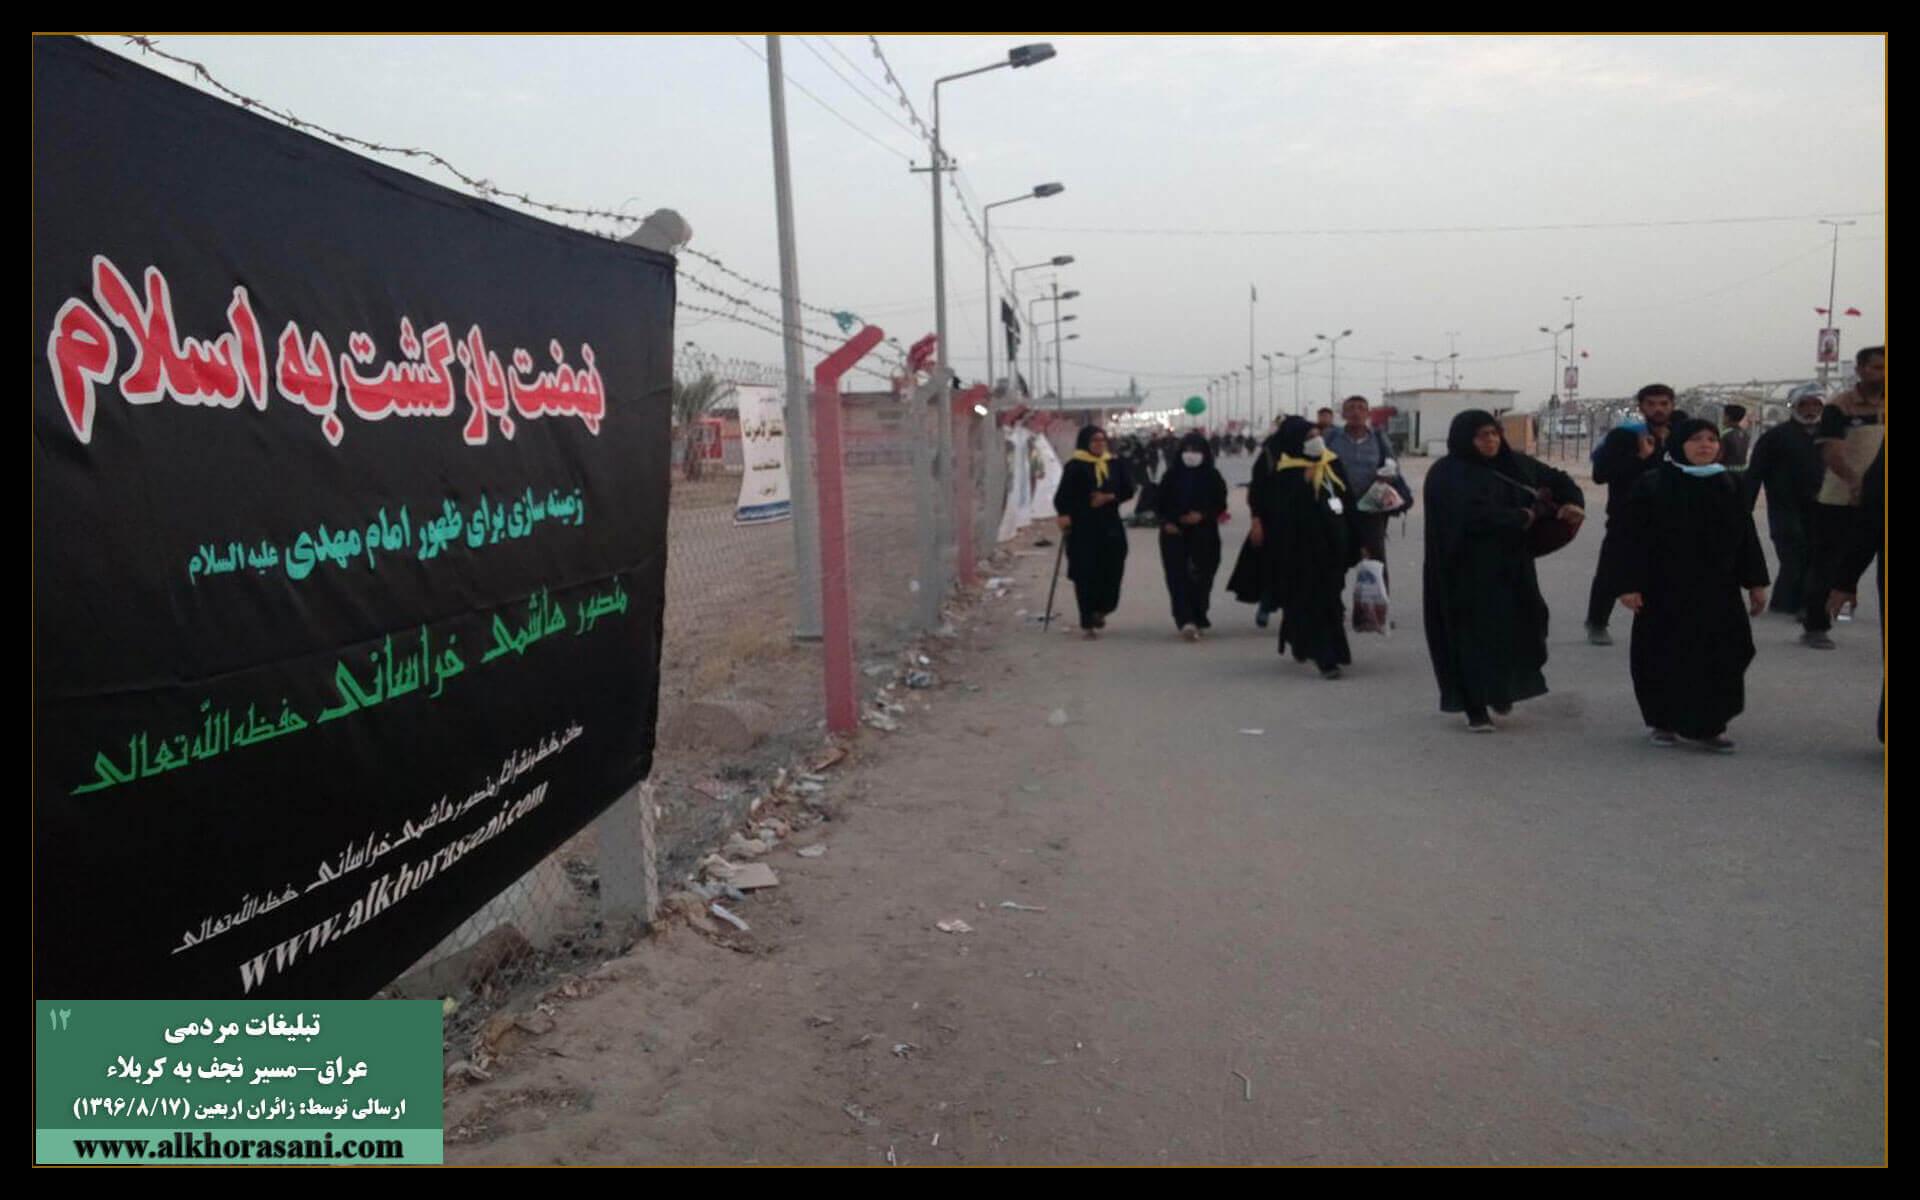 اربعین نهضت بازگشت به اسلام